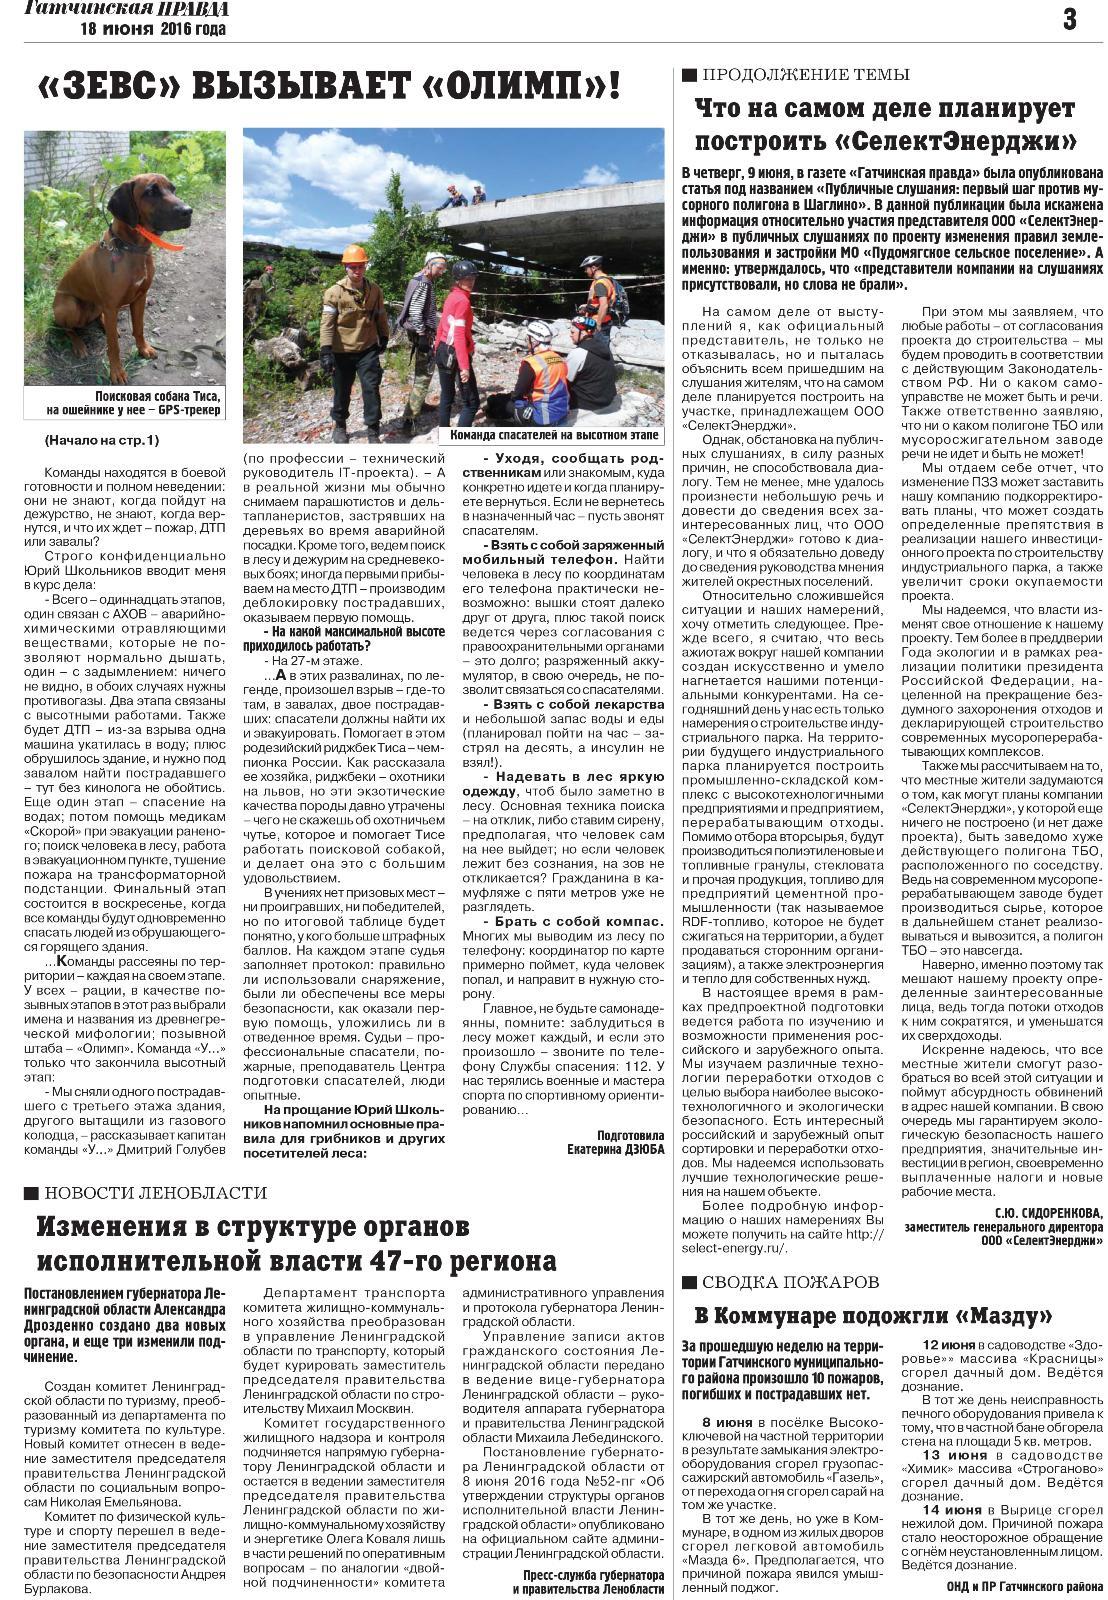 Гатчинская правда №66 от 18 июня 2016 года